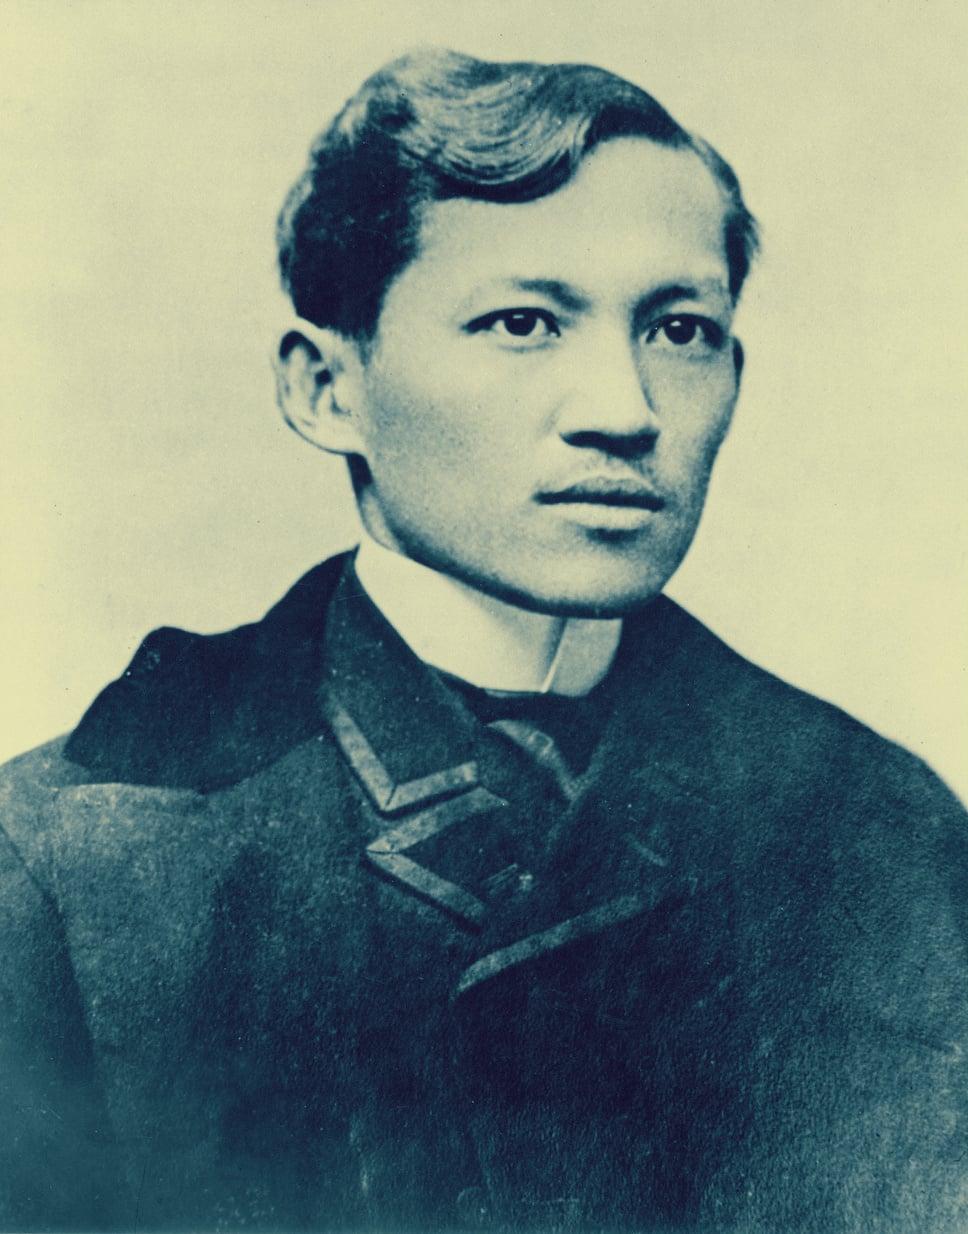 picture of jose rizal